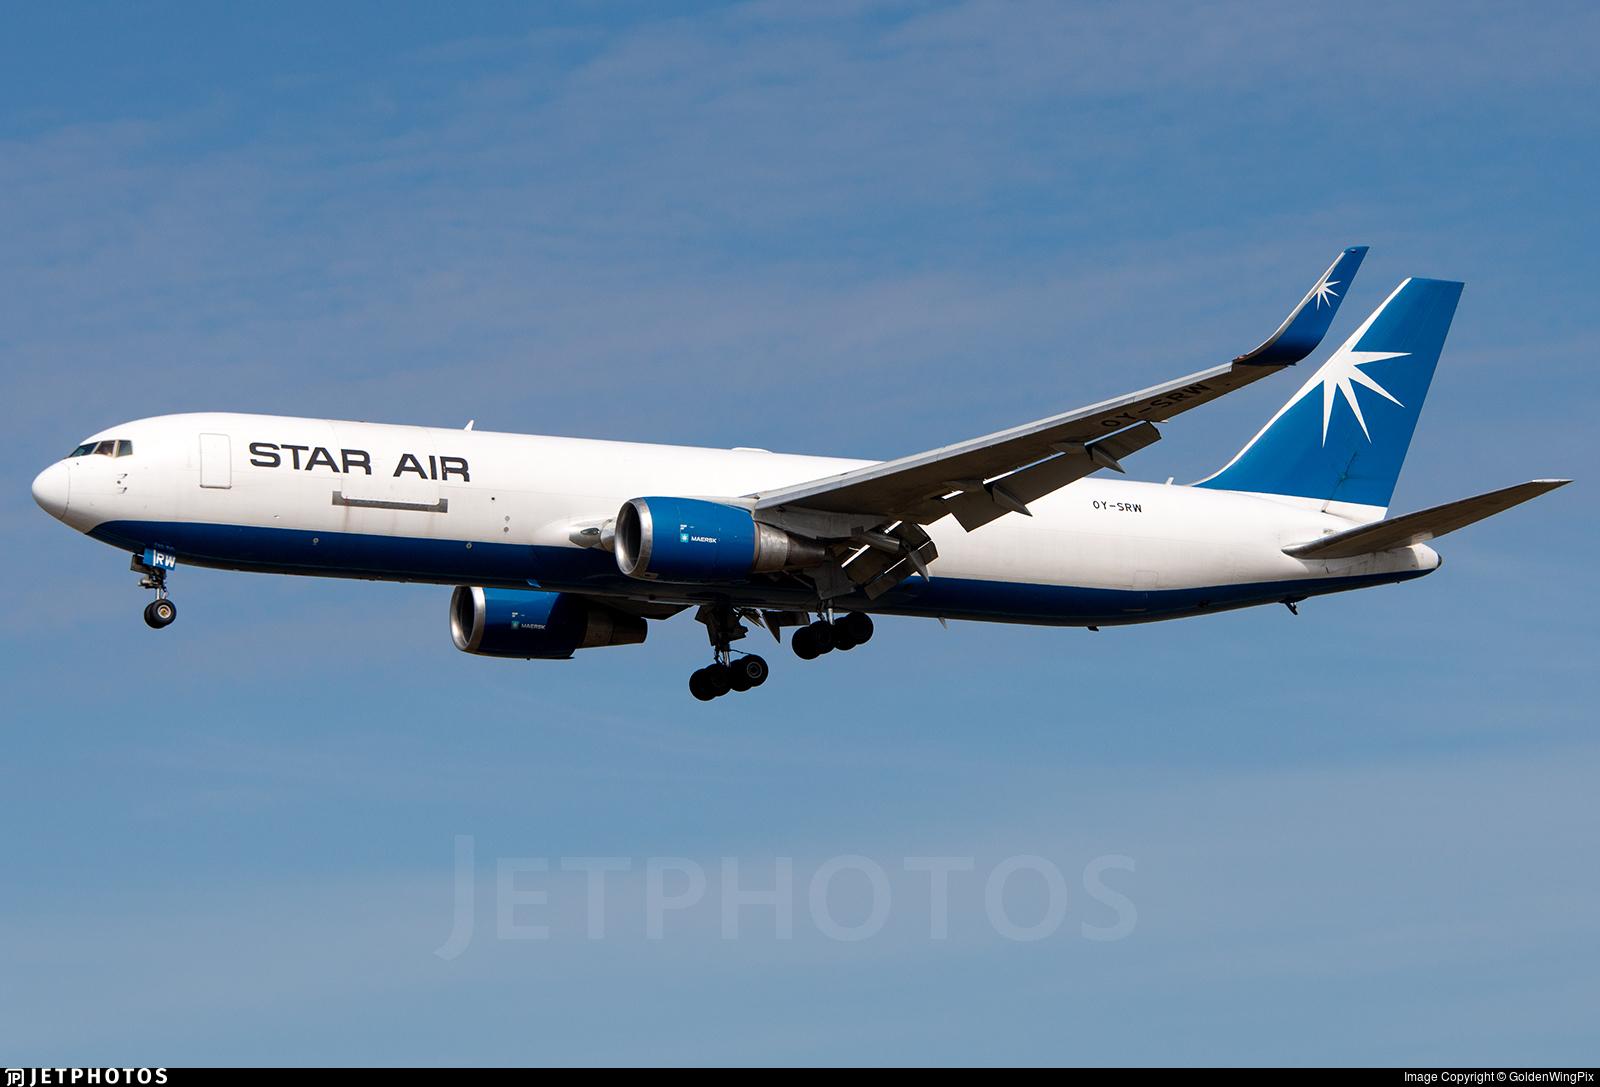 OY-SRW - Boeing 767-346F(ER) - Star Air